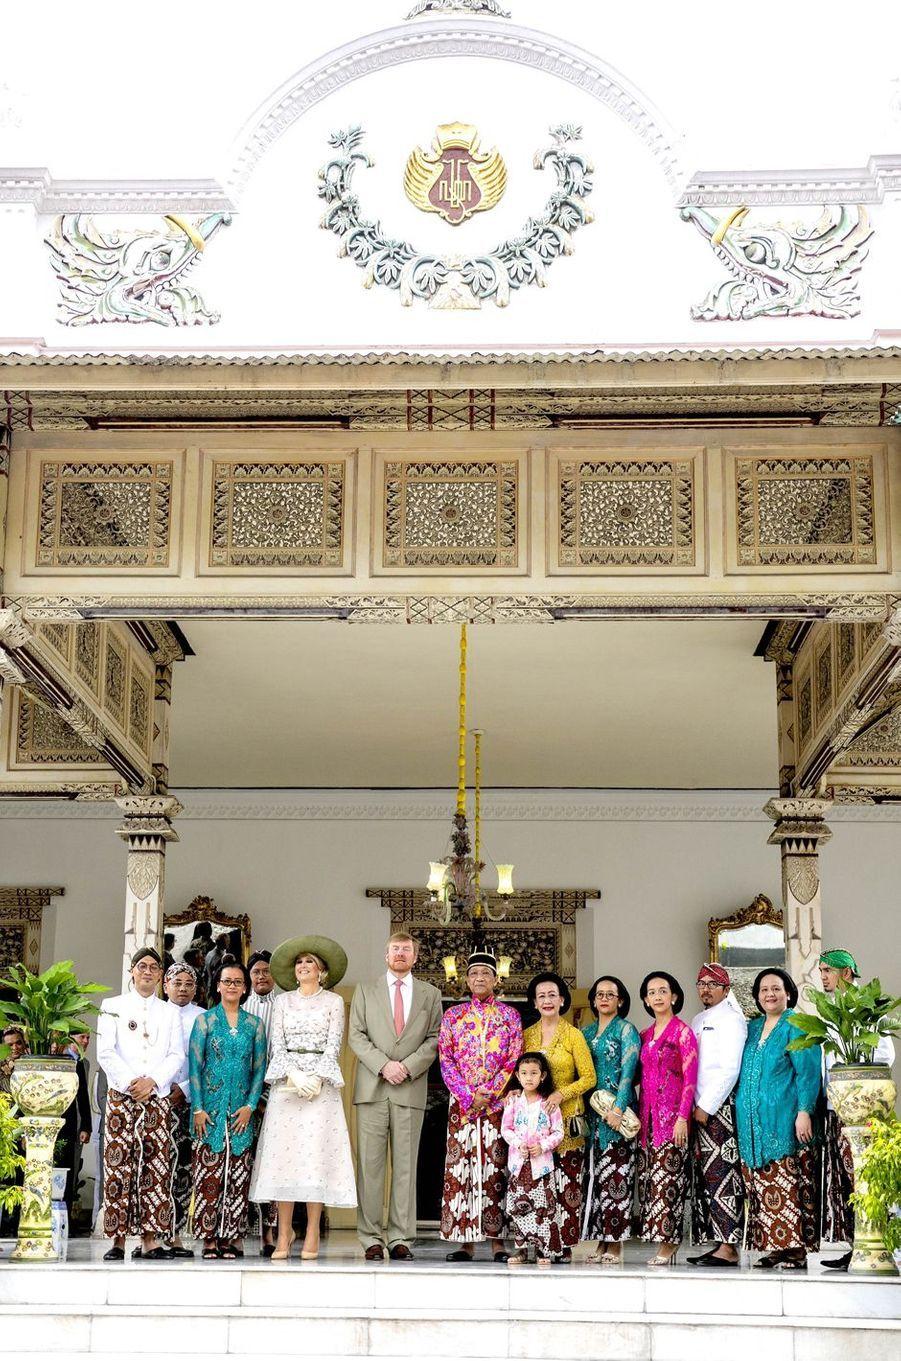 La reine Maxima et le roi Willem-Alexander des Pays-Bas avec le sultan de Yogyakarta, sa femme et leur famille à Yogyakarta, le 11 mars 2020